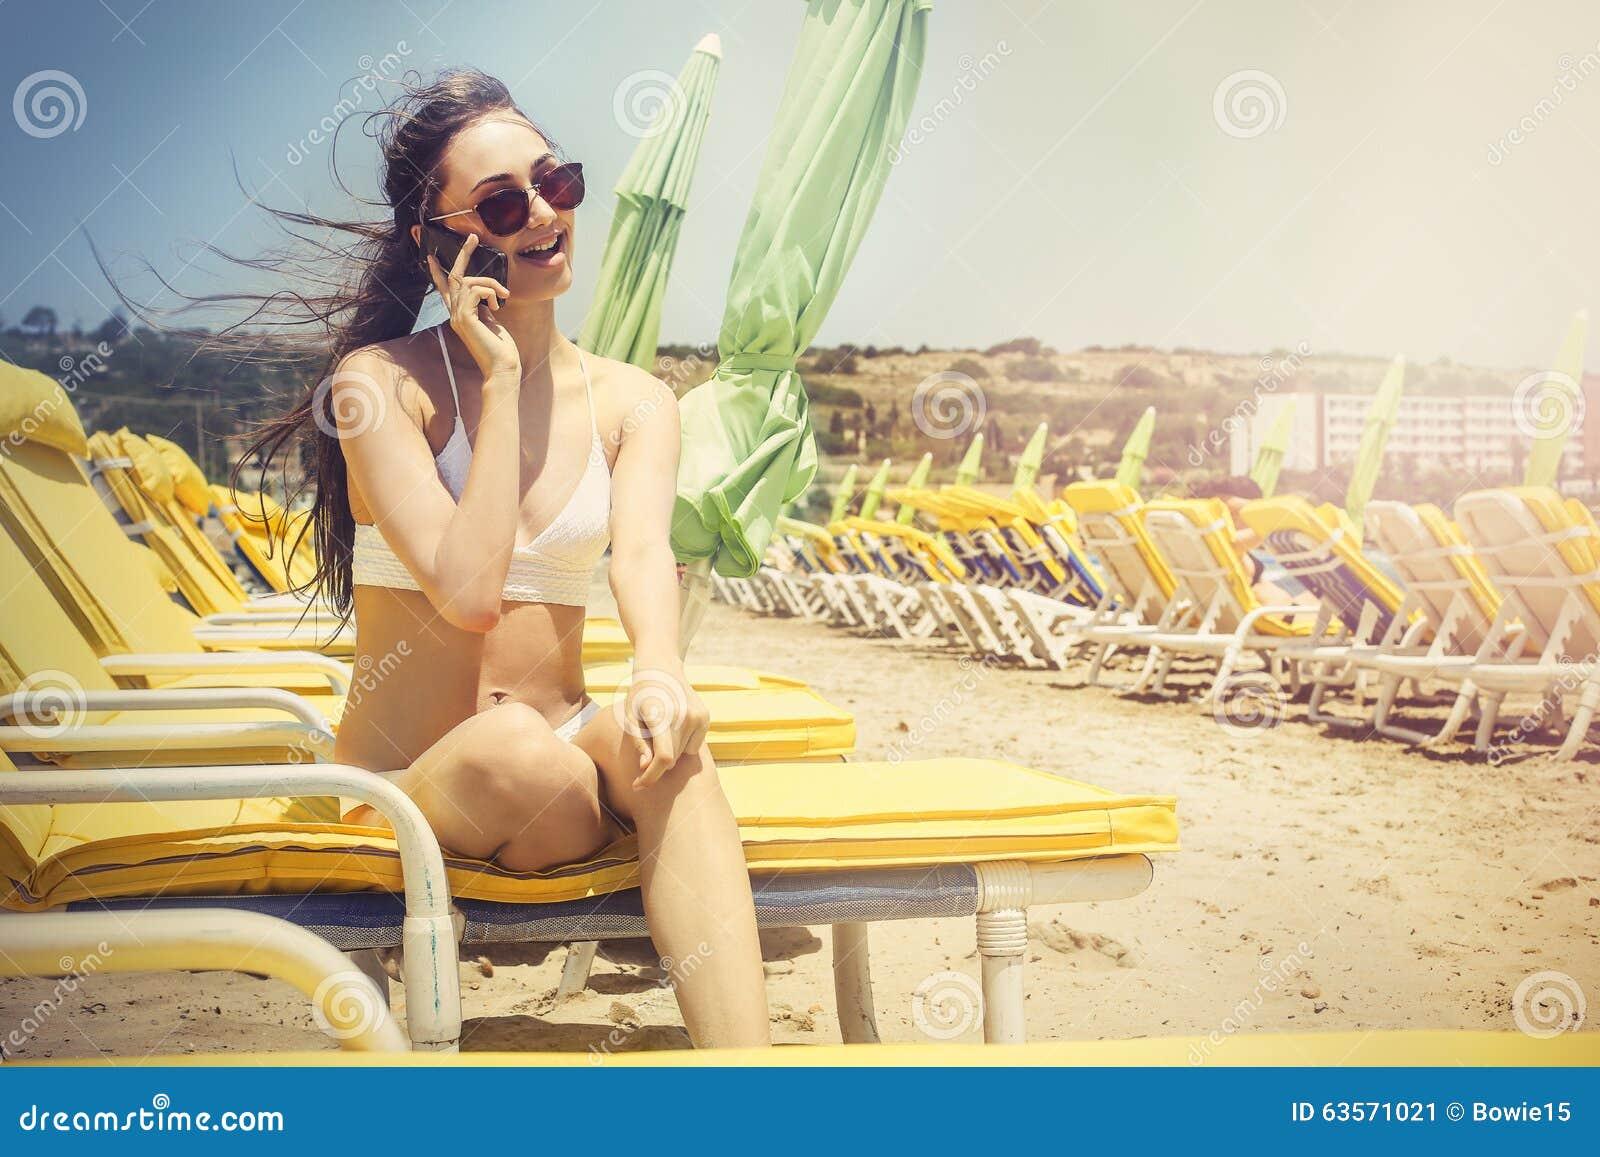 Phone call at the beach